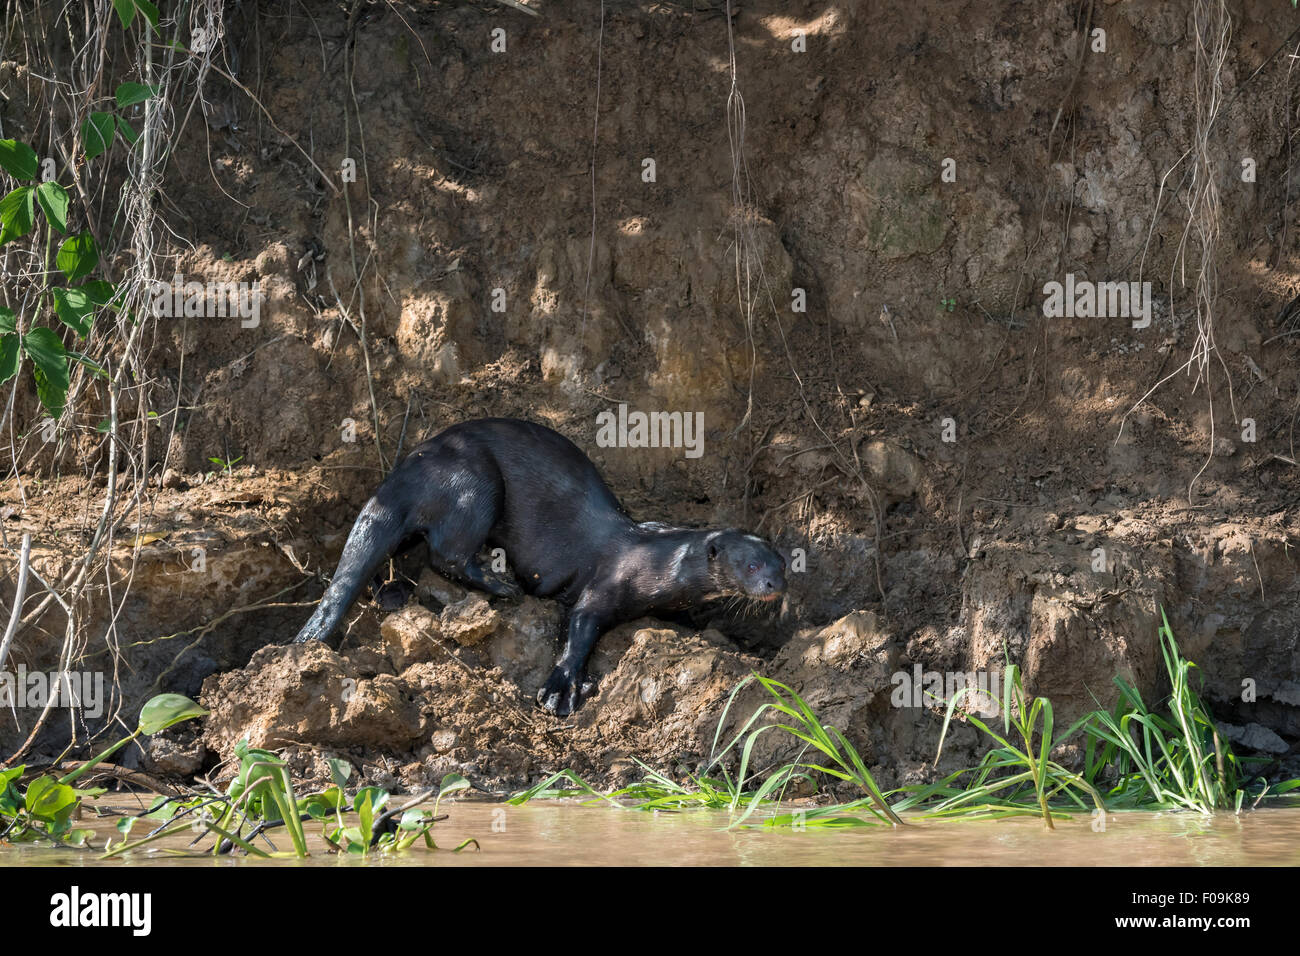 La loutre géante (Pteronura brasiliensis) jouer par le Rio Cuiaba, Pantanal, Brésil Banque D'Images